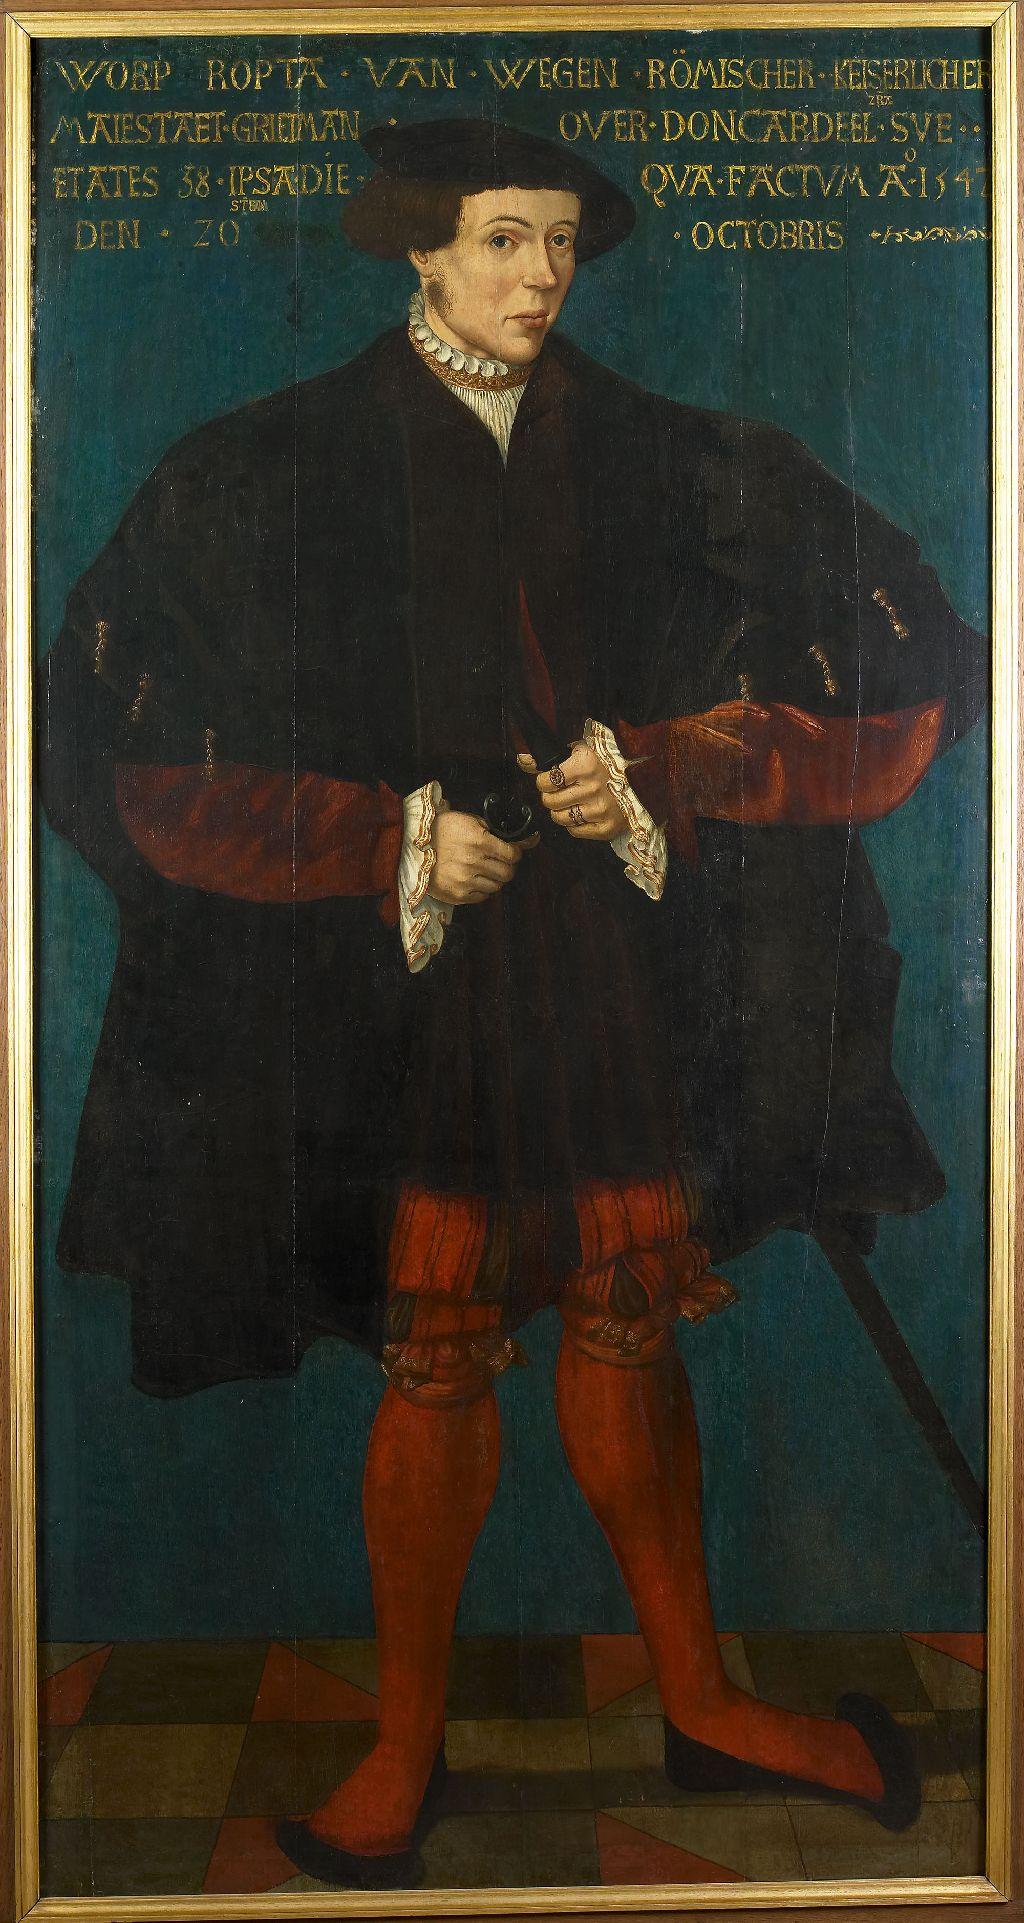 Portret ten voeten uit van Worp van Ropta